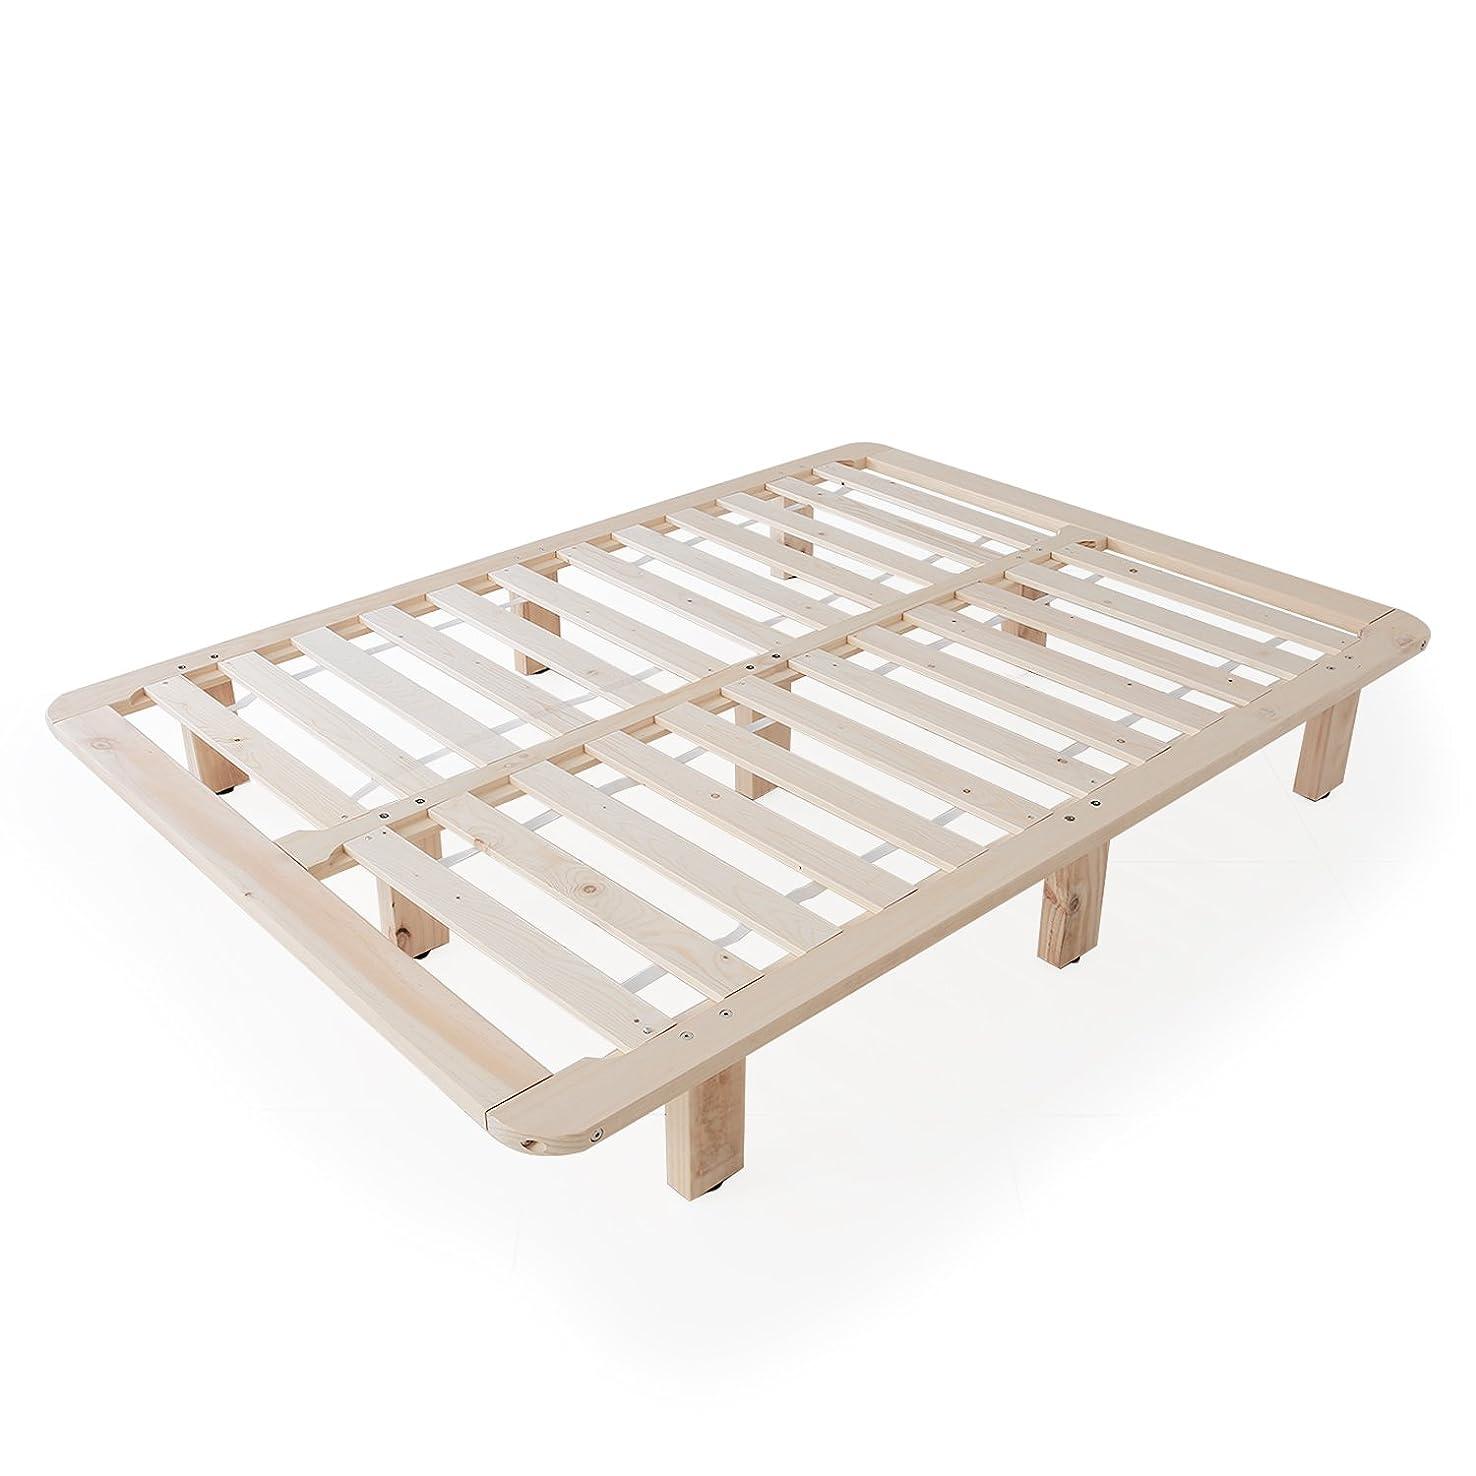 見捨てる一般的に果てしないLOWYA ベッド すのこベッドフレーム 天然木 ハイタイプ ダブル おしゃれ